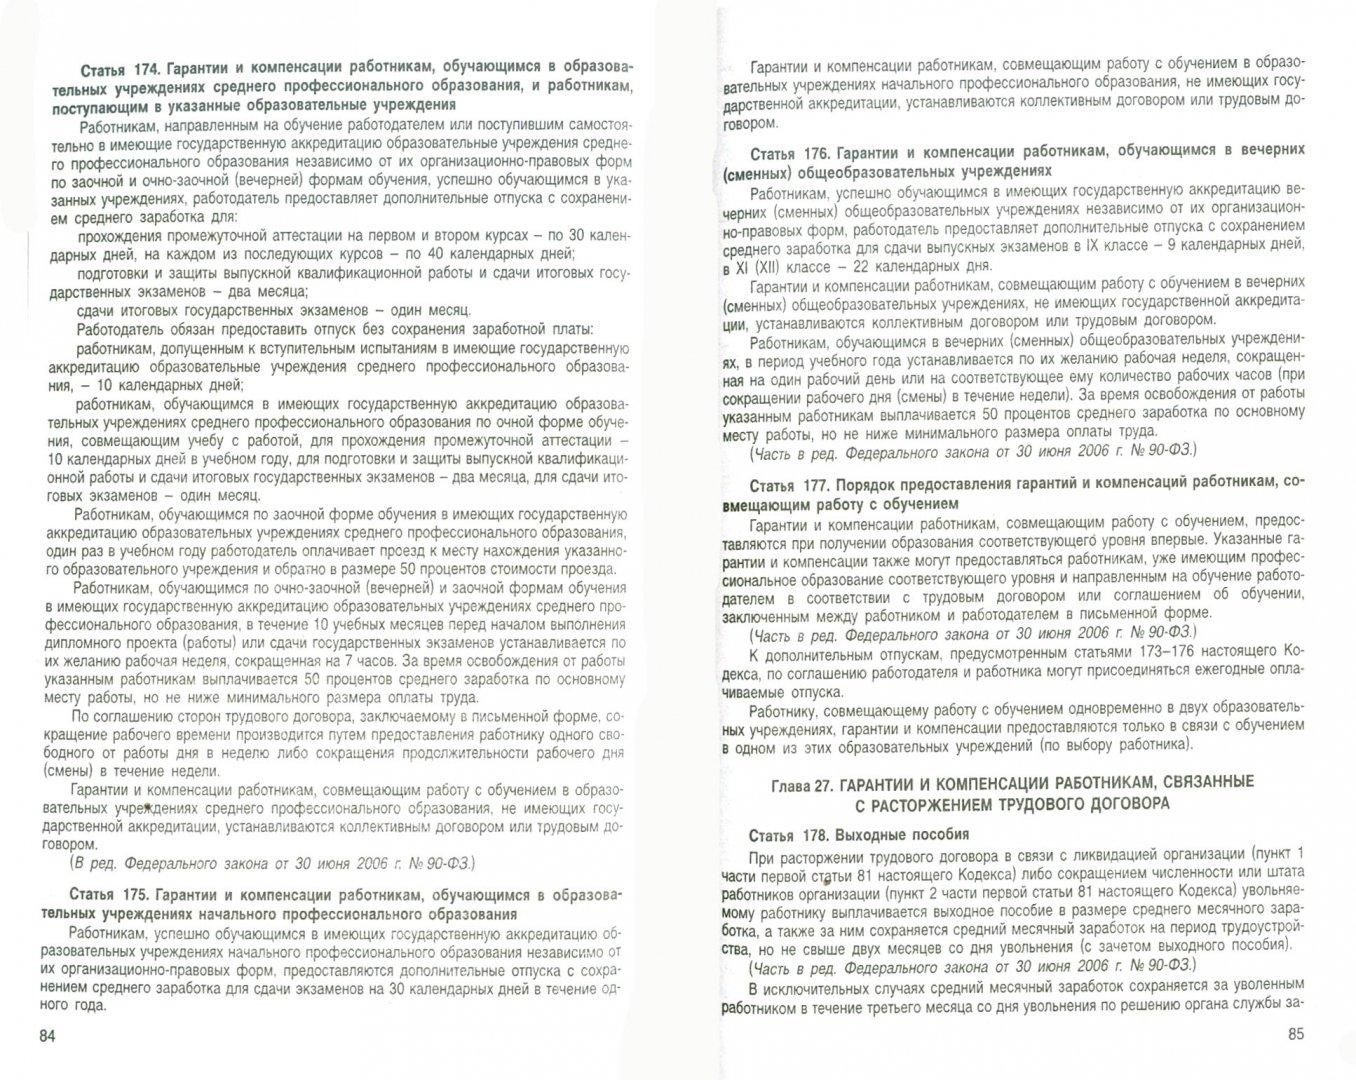 Иллюстрация 1 из 2 для Трудовой кодекс Российской Федерации по состоянию на 01.04.09 г. | Лабиринт - книги. Источник: Лабиринт